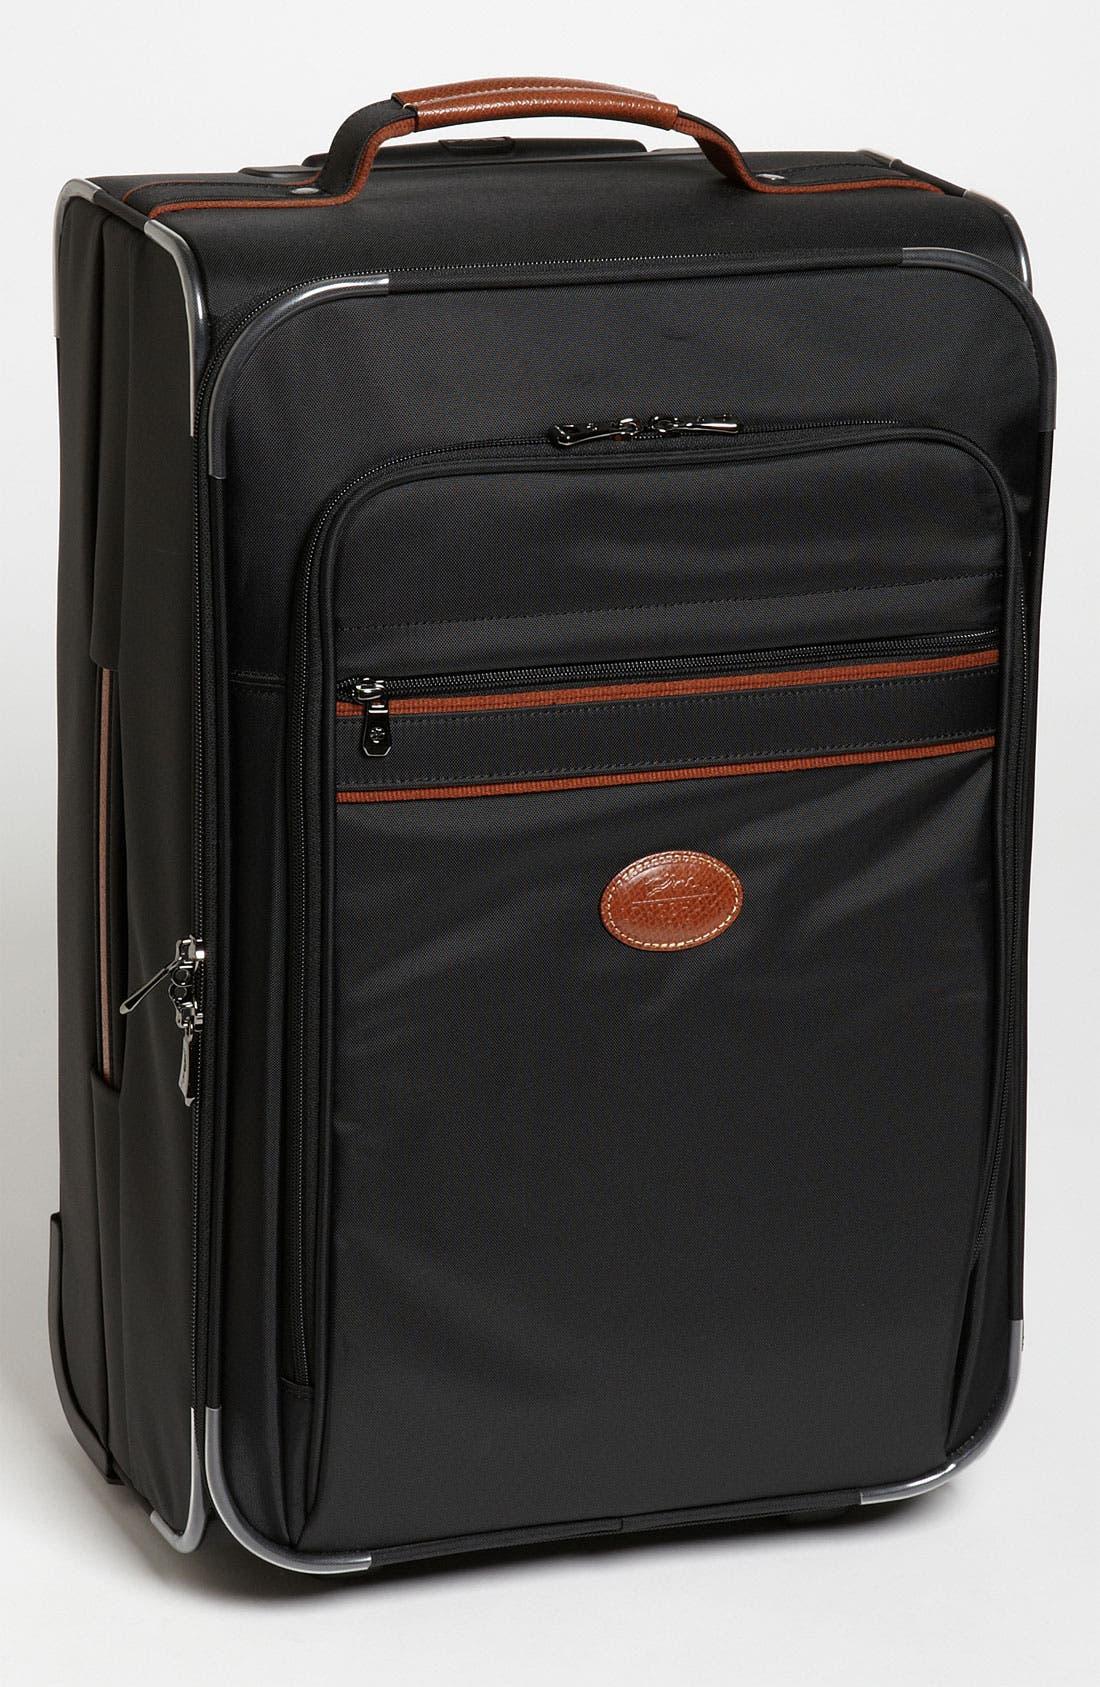 Main Image - Longchamp 'Le Pliage' Wheeled Carry-On Suitcase